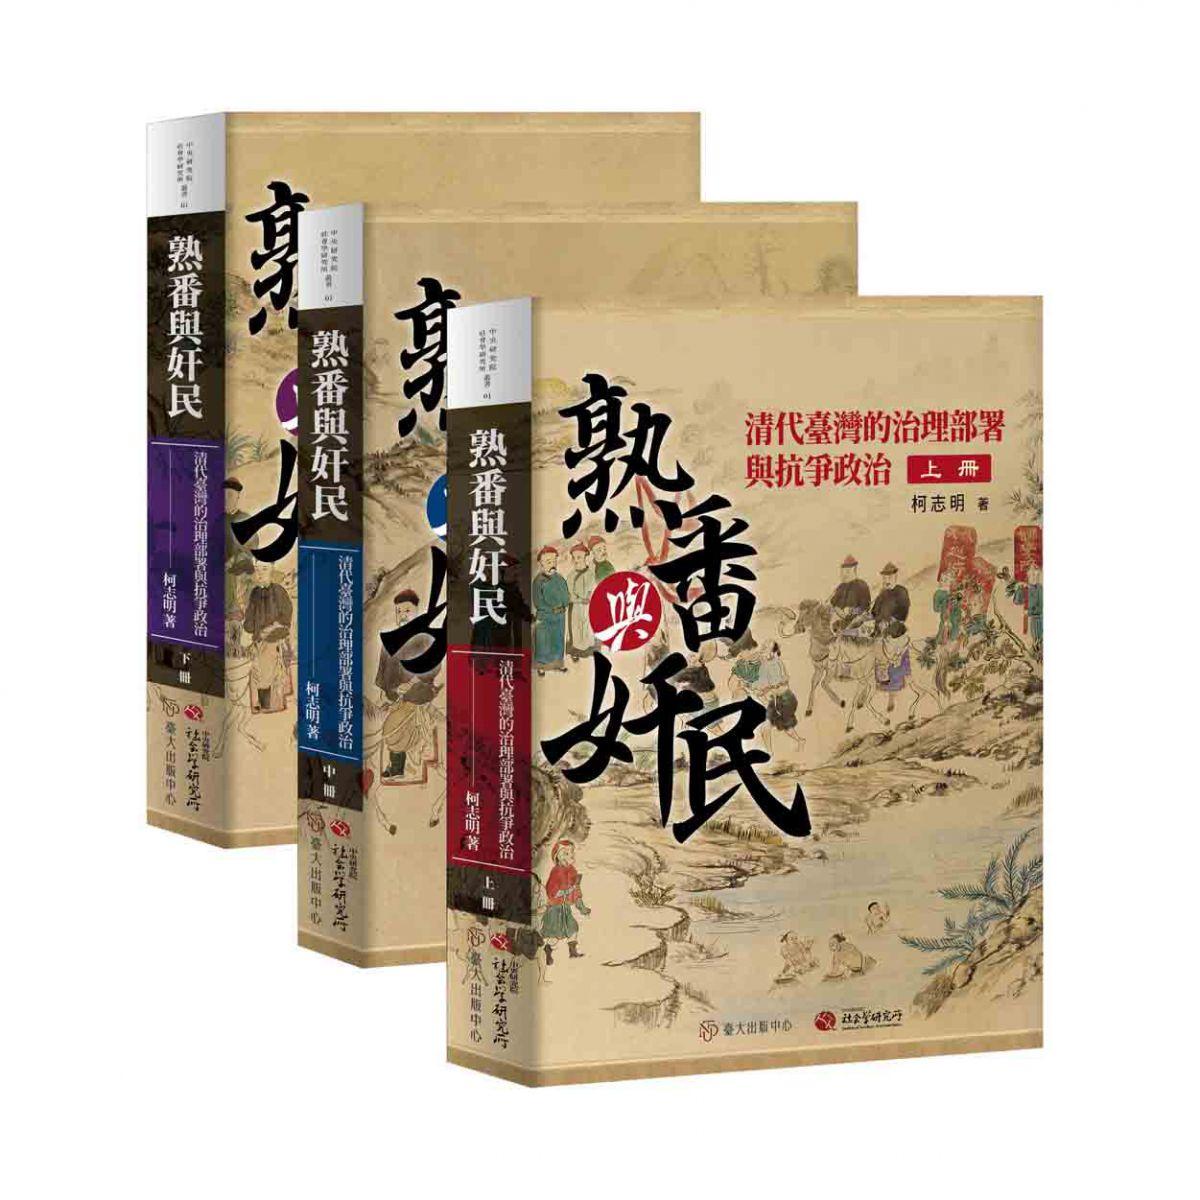 《熟番與奸民》平裝版上市,透過體制分析,本書為清代臺灣社會變遷建構主體性史觀